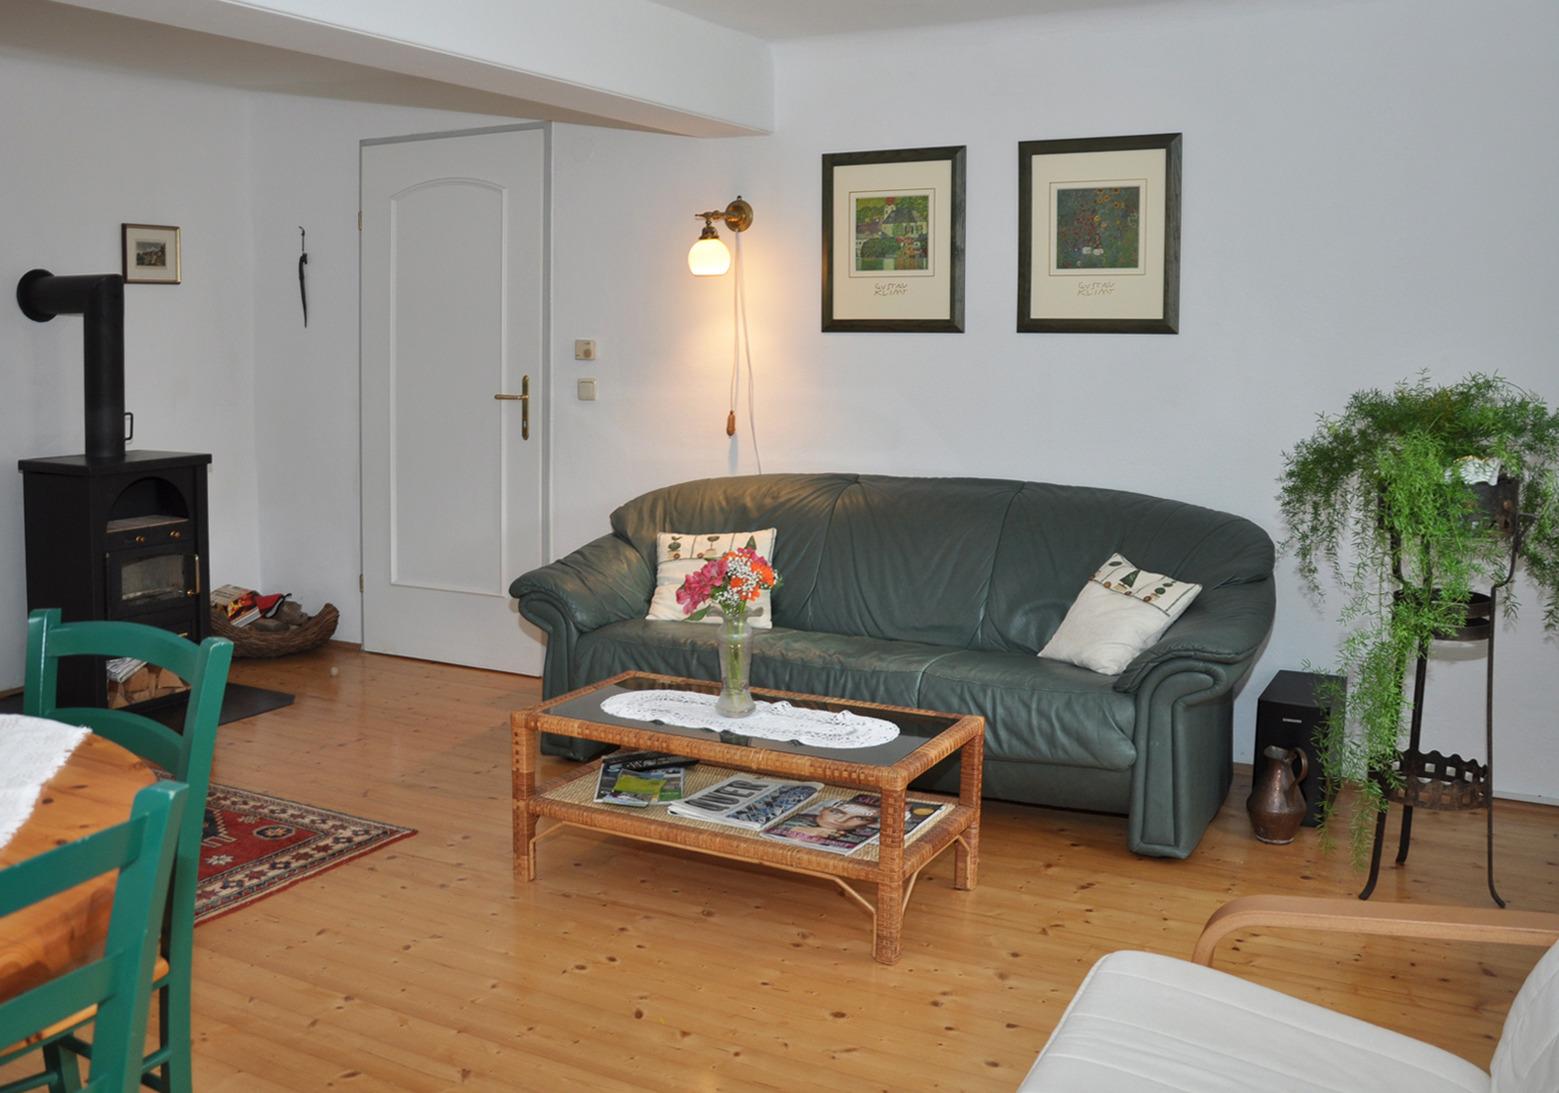 Appartement de vacances Salzburg/Ferienparadies am See/Goldener Herbst/ Christmas & Sylvester (2374298), Seekirchen am Wallersee, Salzbourg plaine, Salzbourg, Autriche, image 3